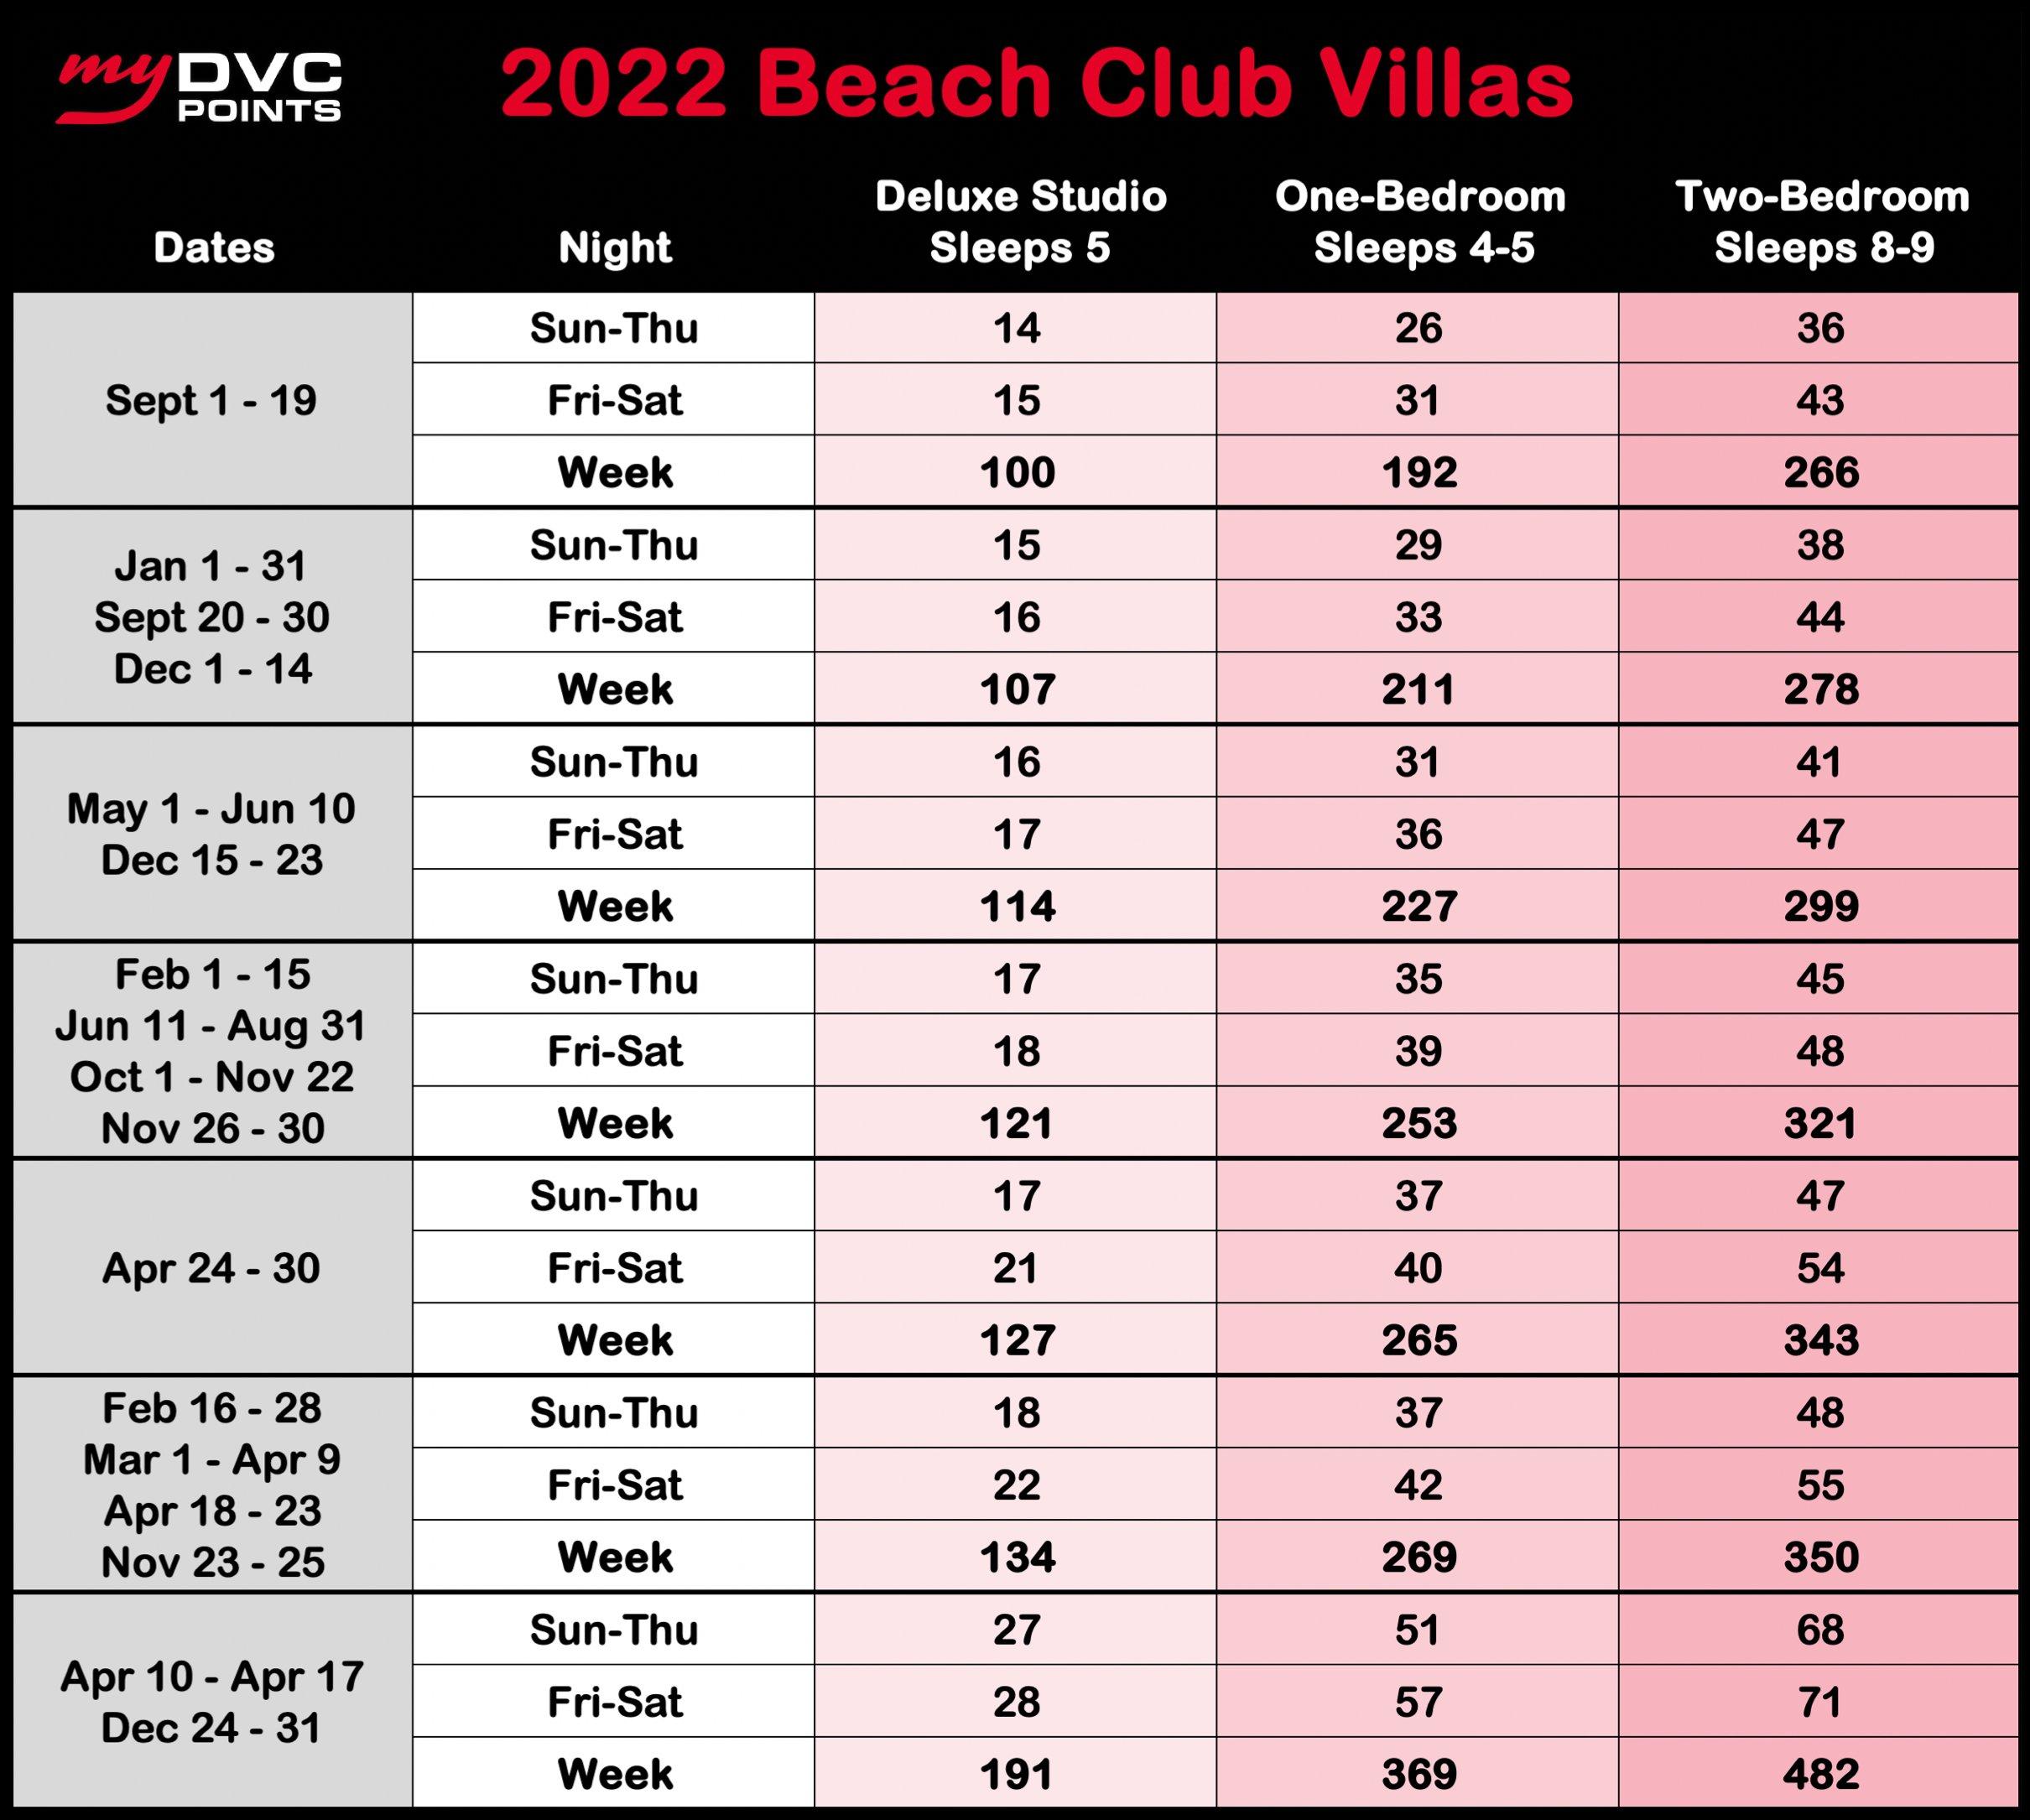 Beach Club Villas 2022 Point Charts